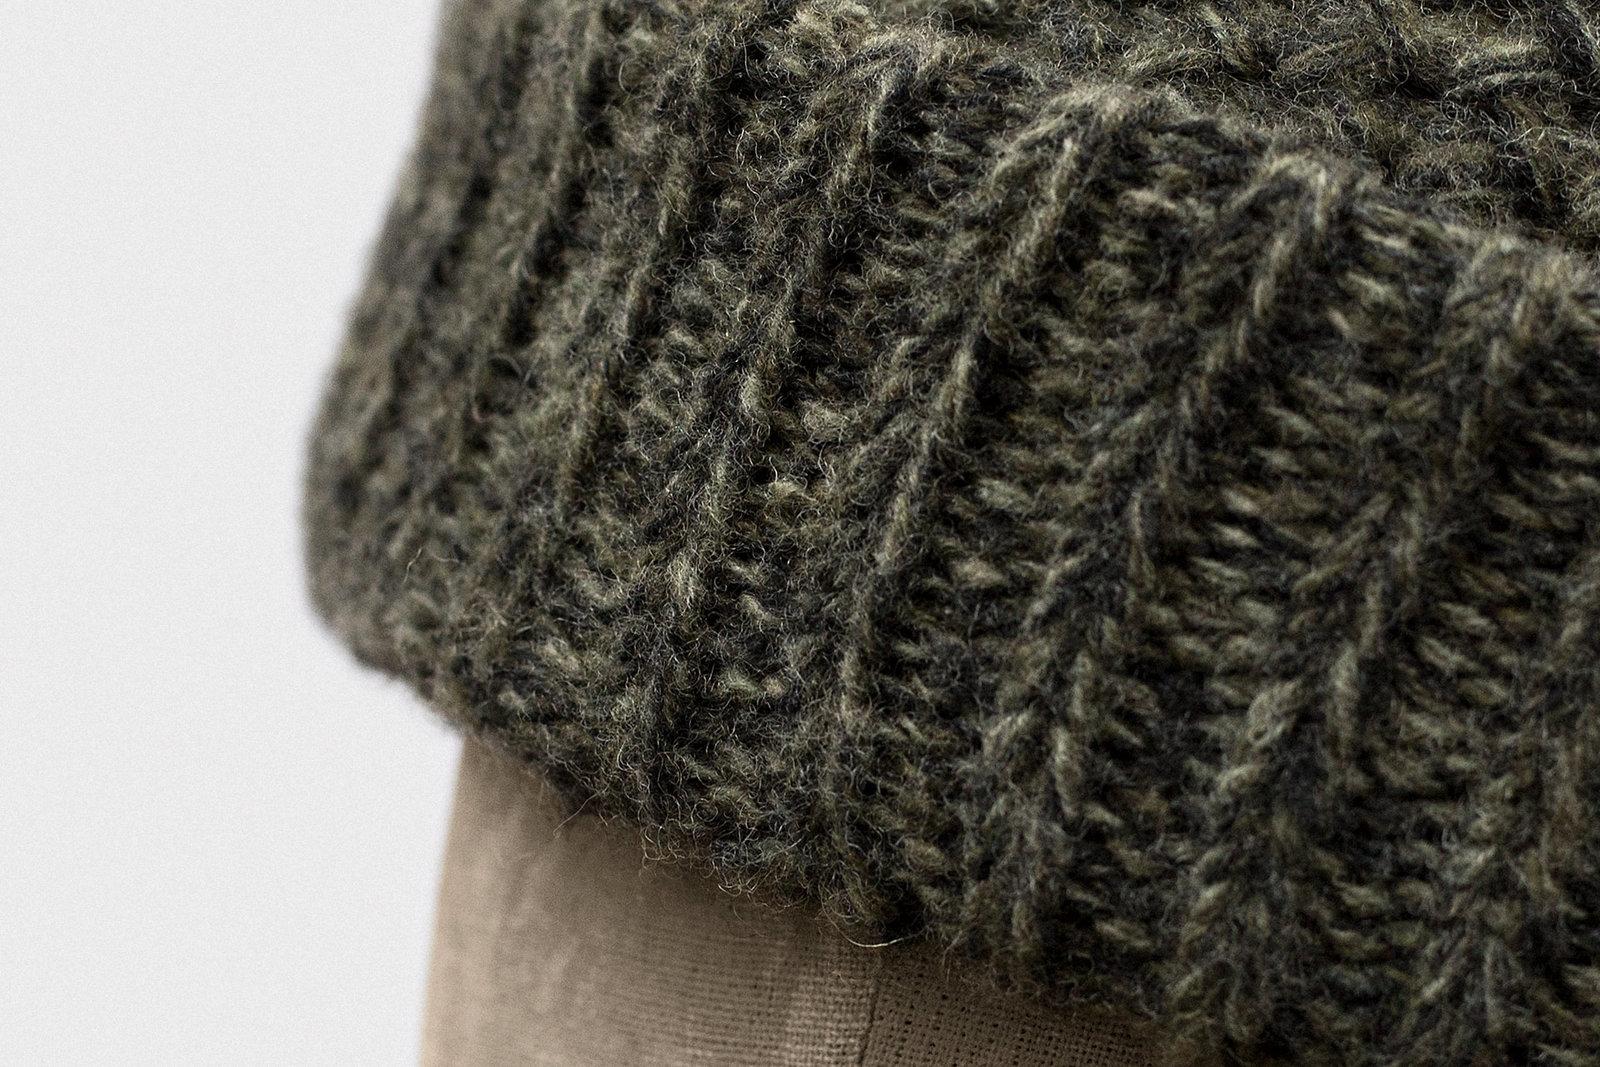 watch-cap-geelong-wool-conifer-green-2@2x.jpg